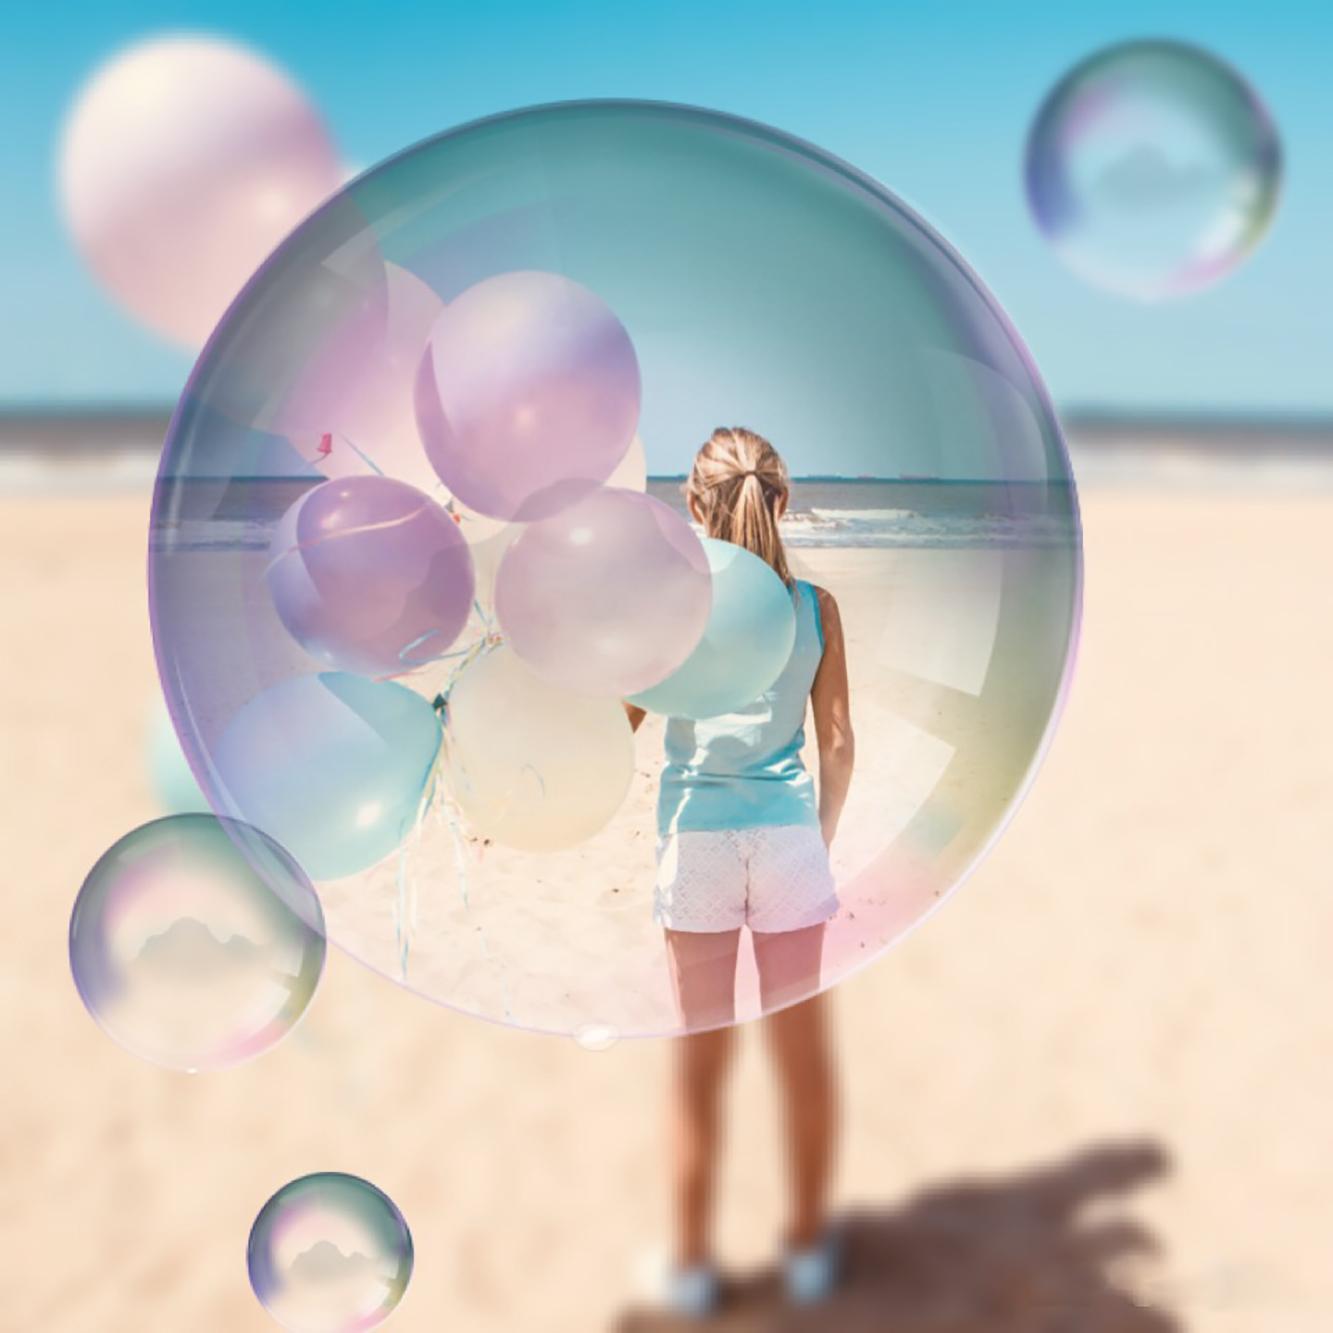 Feline Balonnen Bubble.jpg